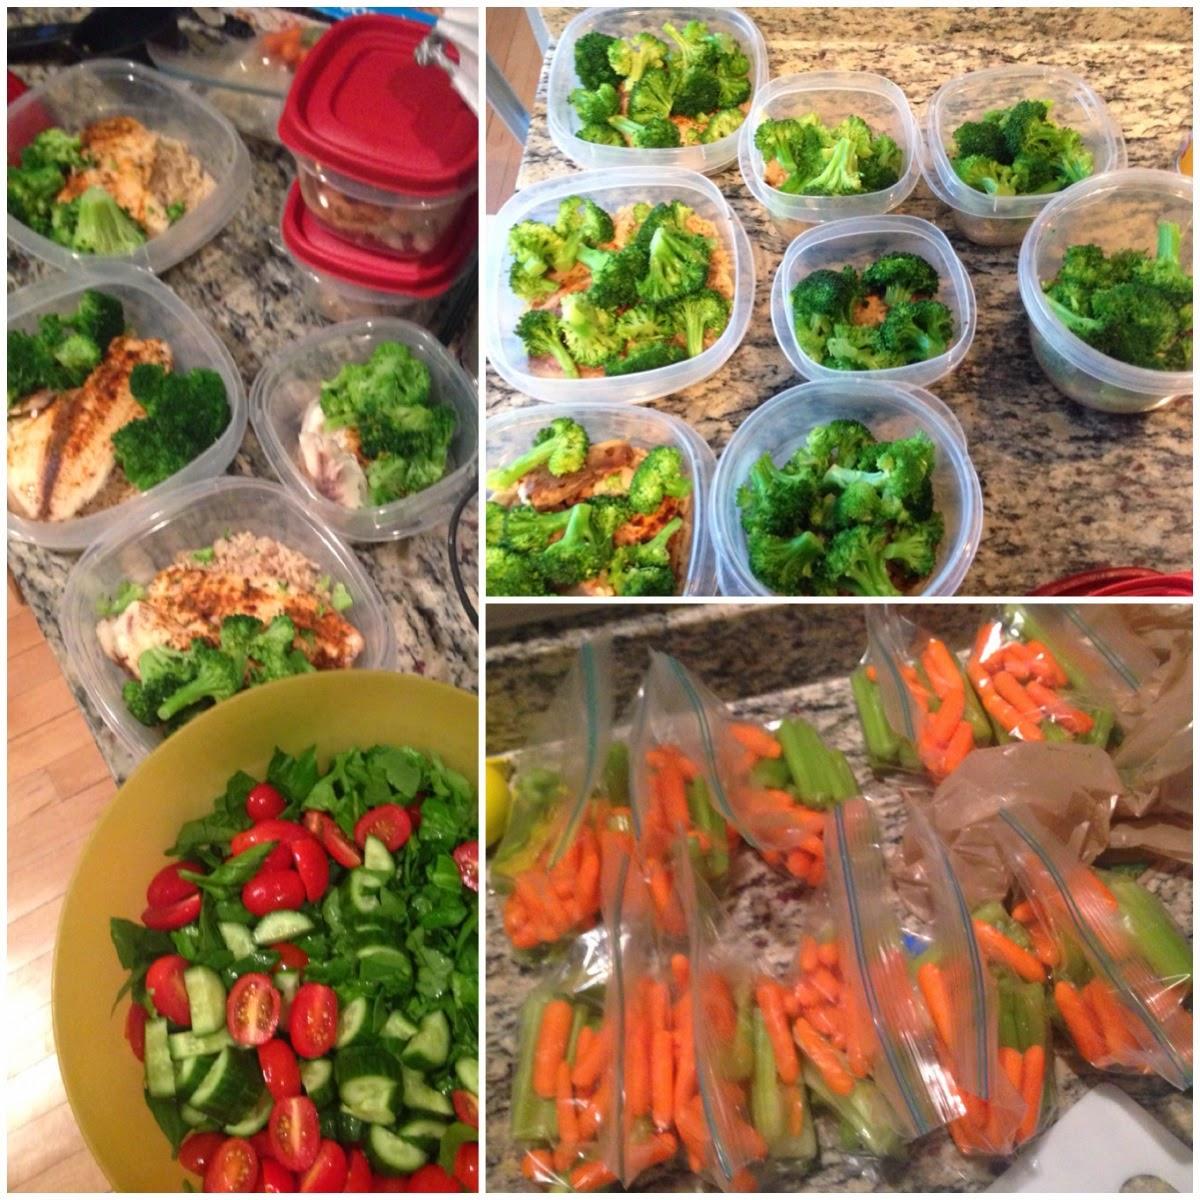 Weekly meal prep!